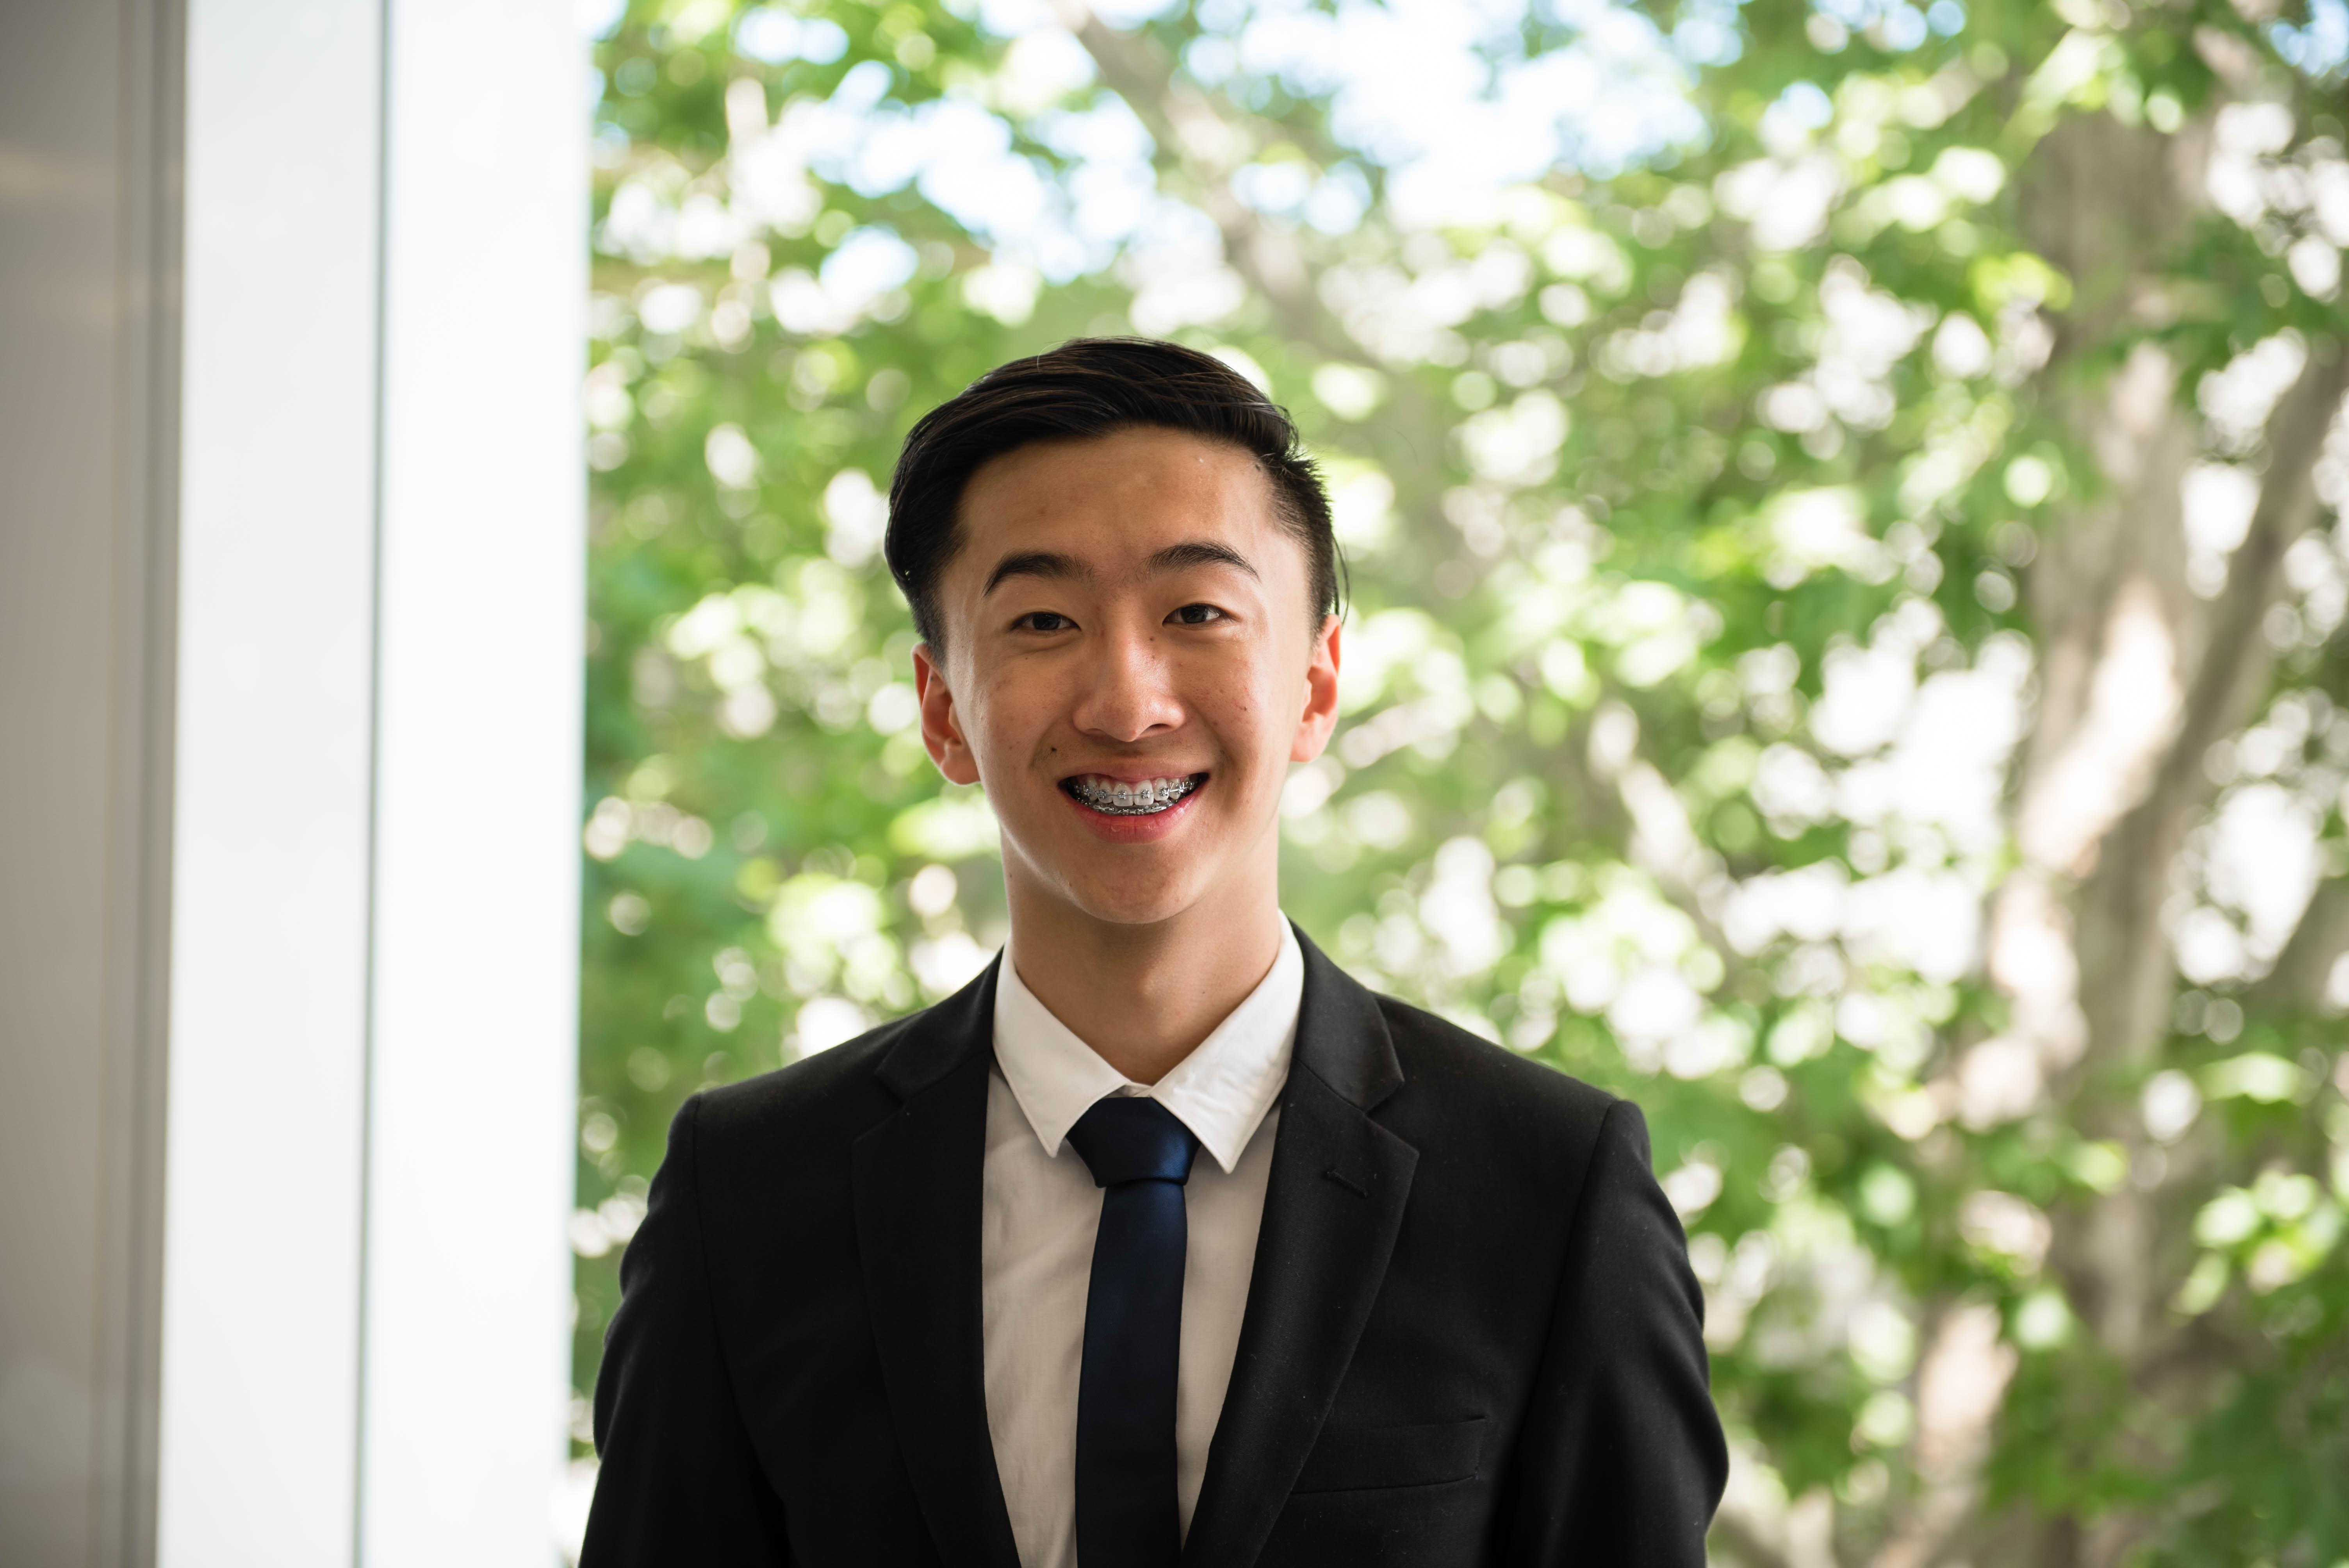 Nelson Yin